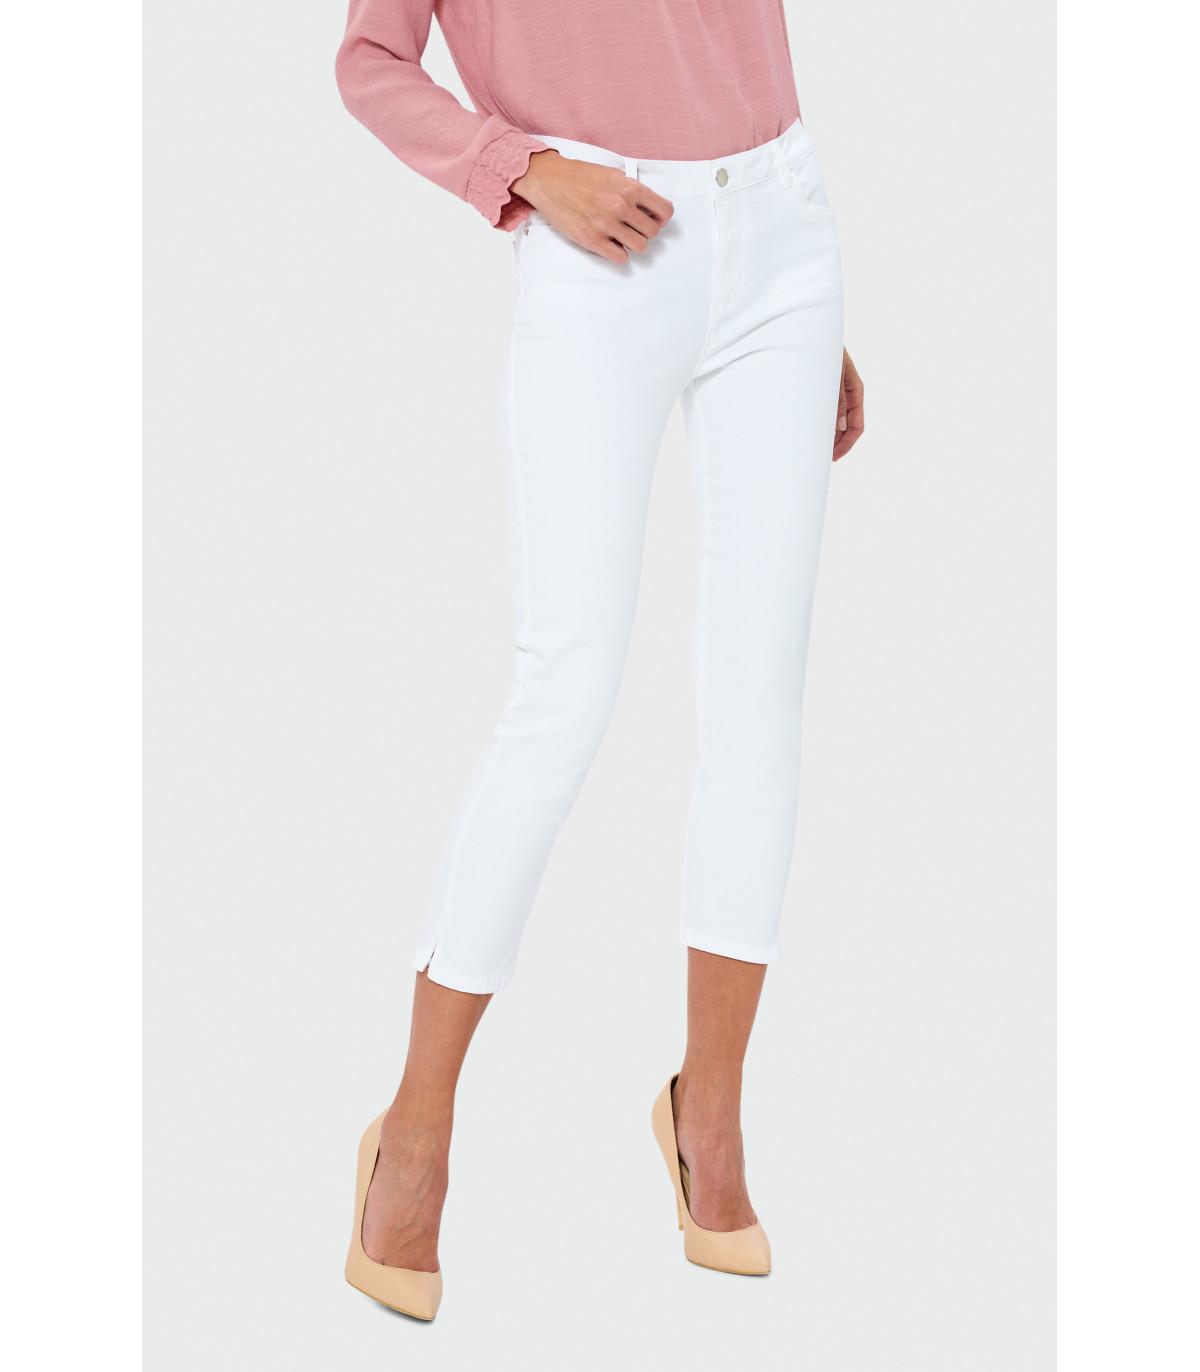 Modne ubrania Białe spodnie 7/8 Rozmiar 38 Kolor S19WHITE EI59